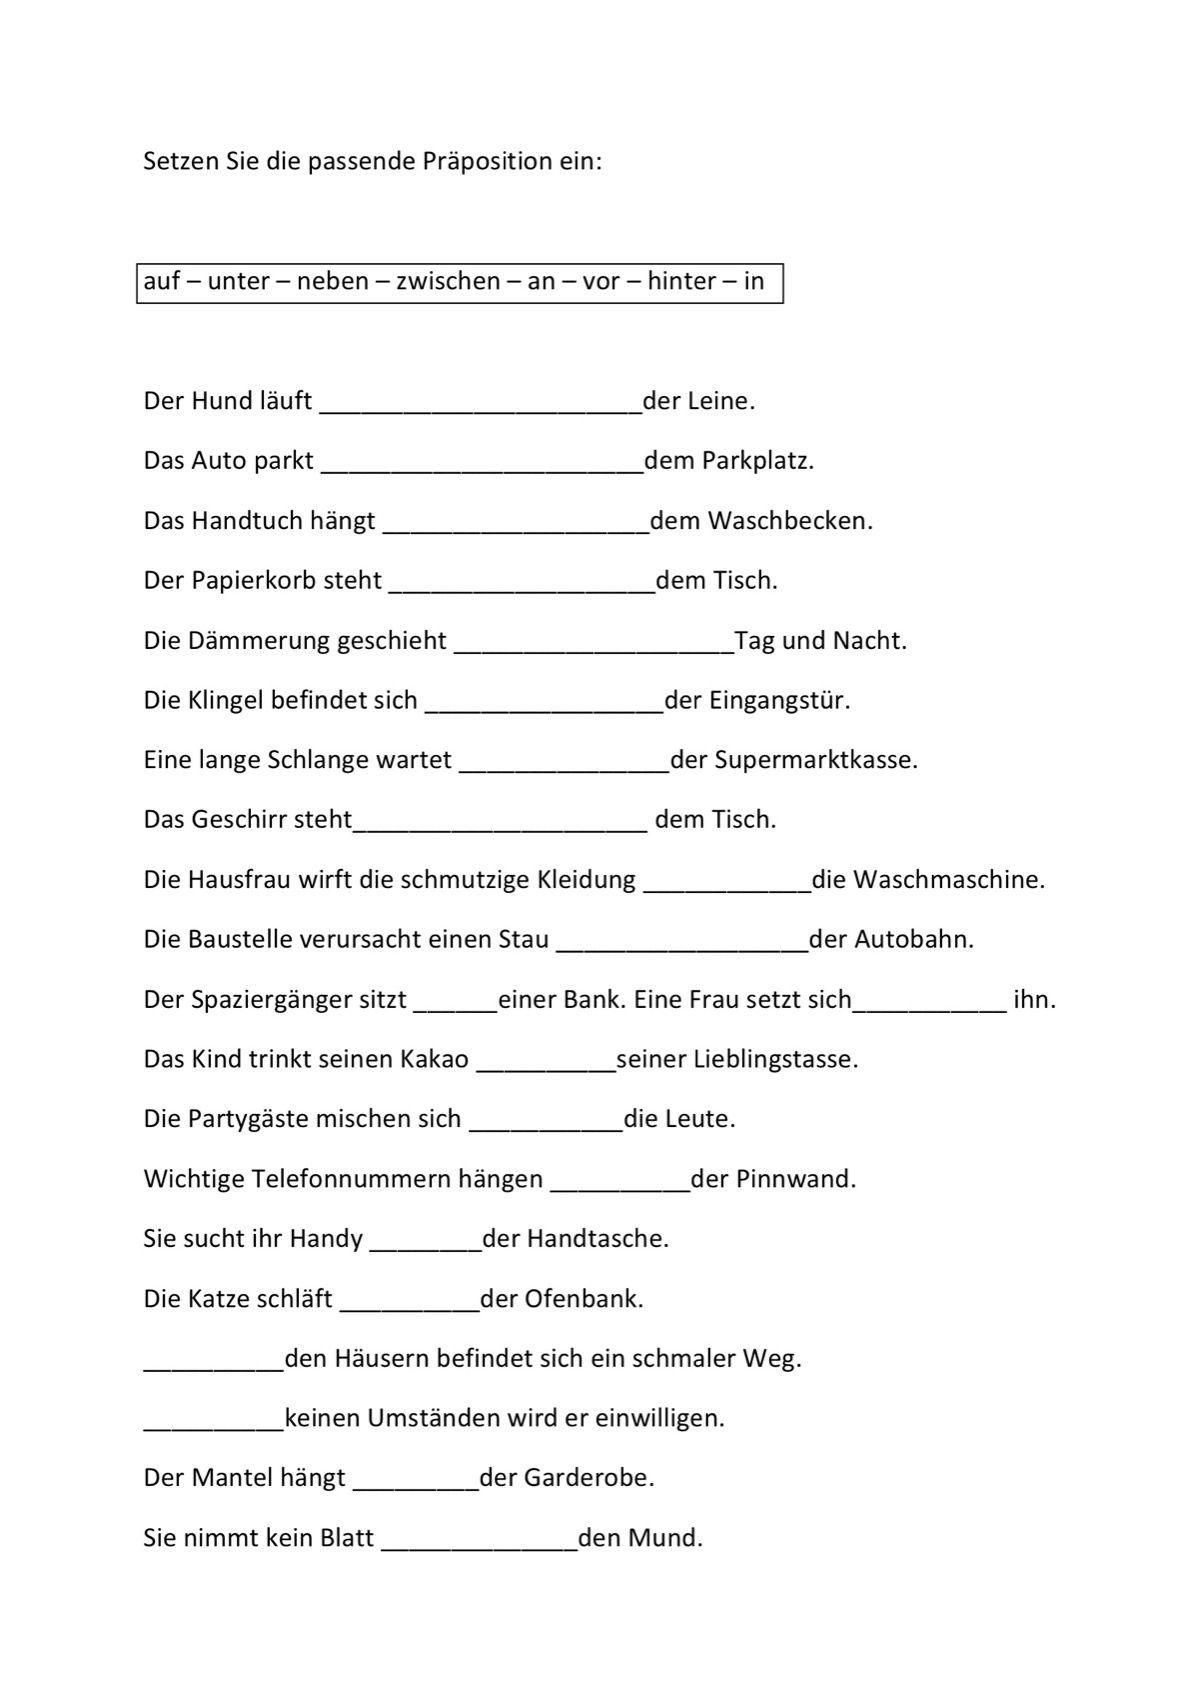 Verschiedene Anagramme (3) - Aphasie | Präpositionen | Pinterest ...